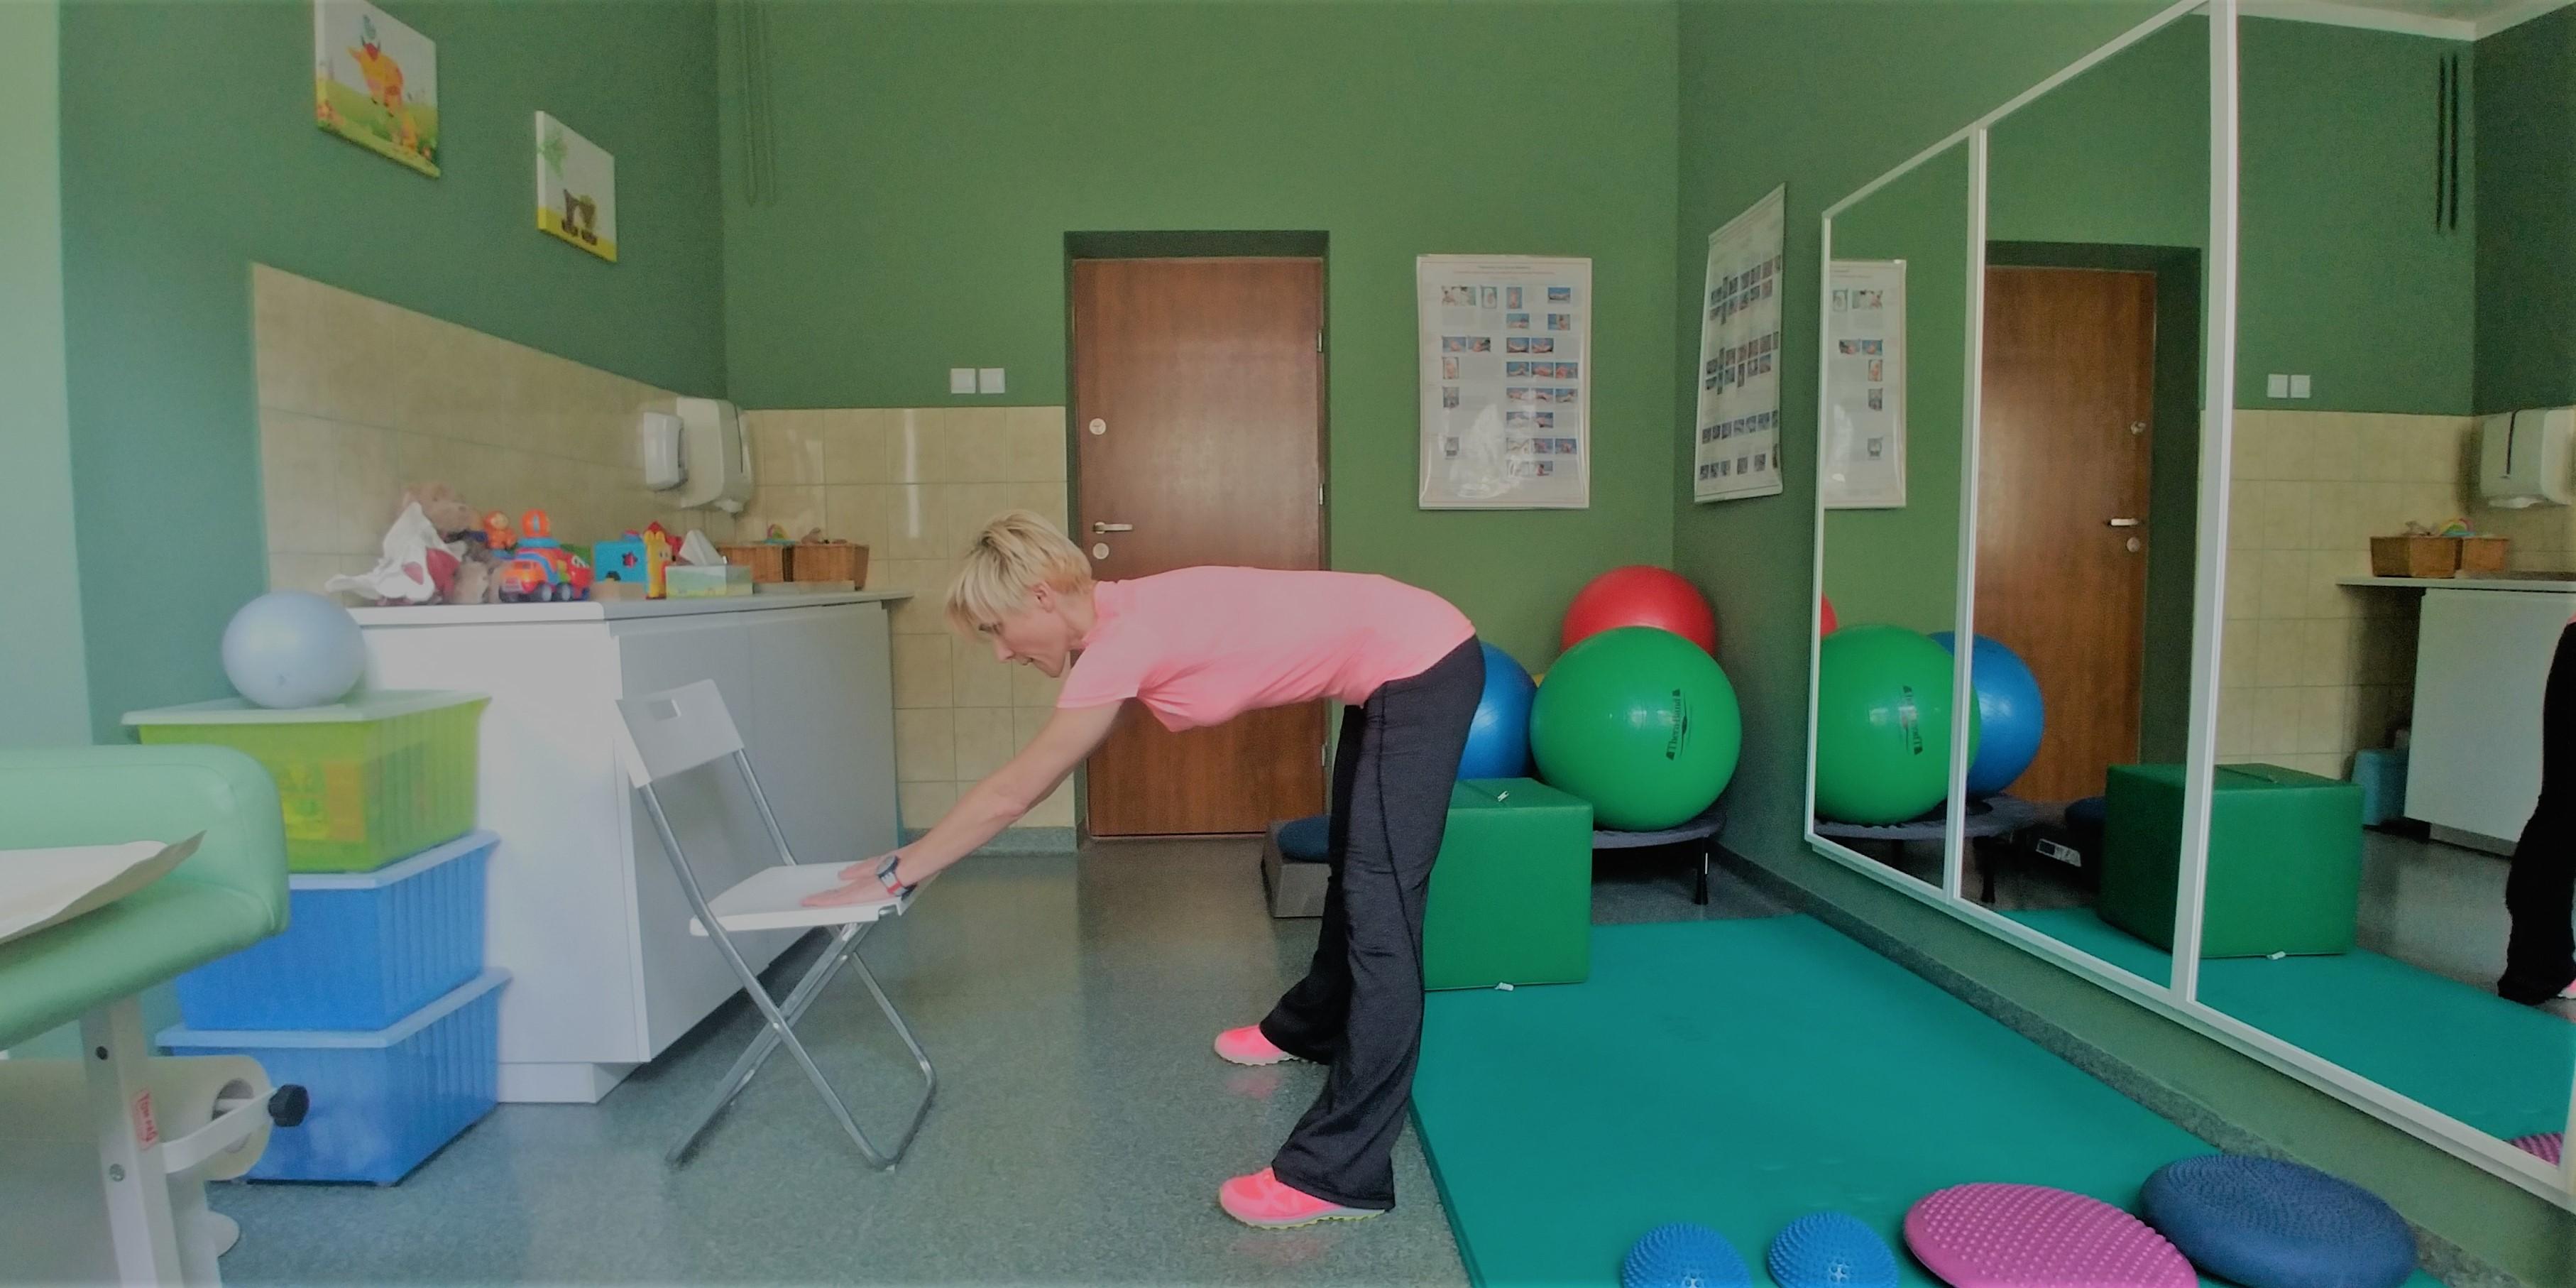 Cwiczenie przesuwanie bioder